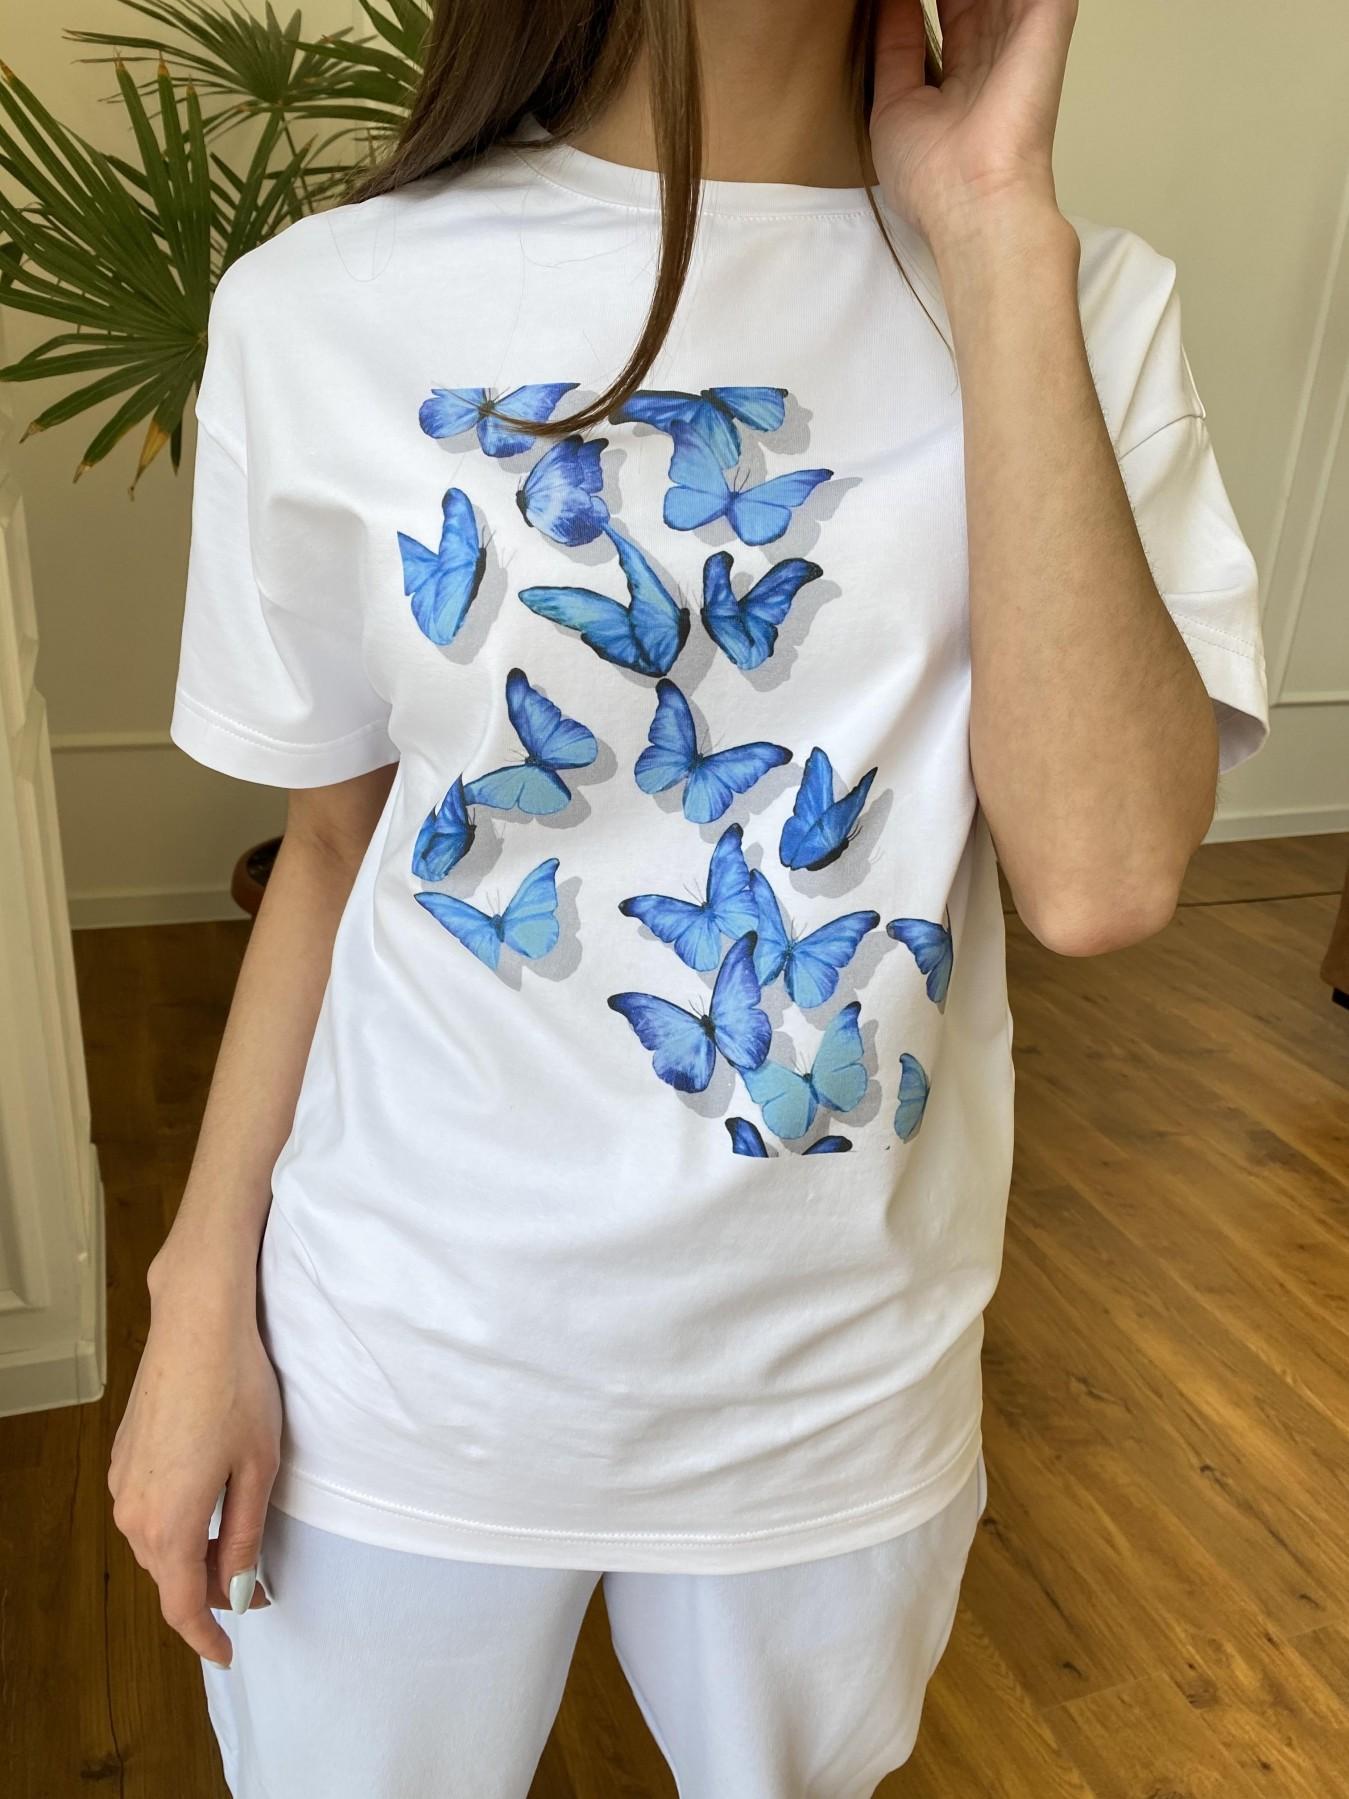 Бабочки футболка из вискозы однотонная хлопок 11232 АРТ. 47752 Цвет: Белый - фото 2, интернет магазин tm-modus.ru